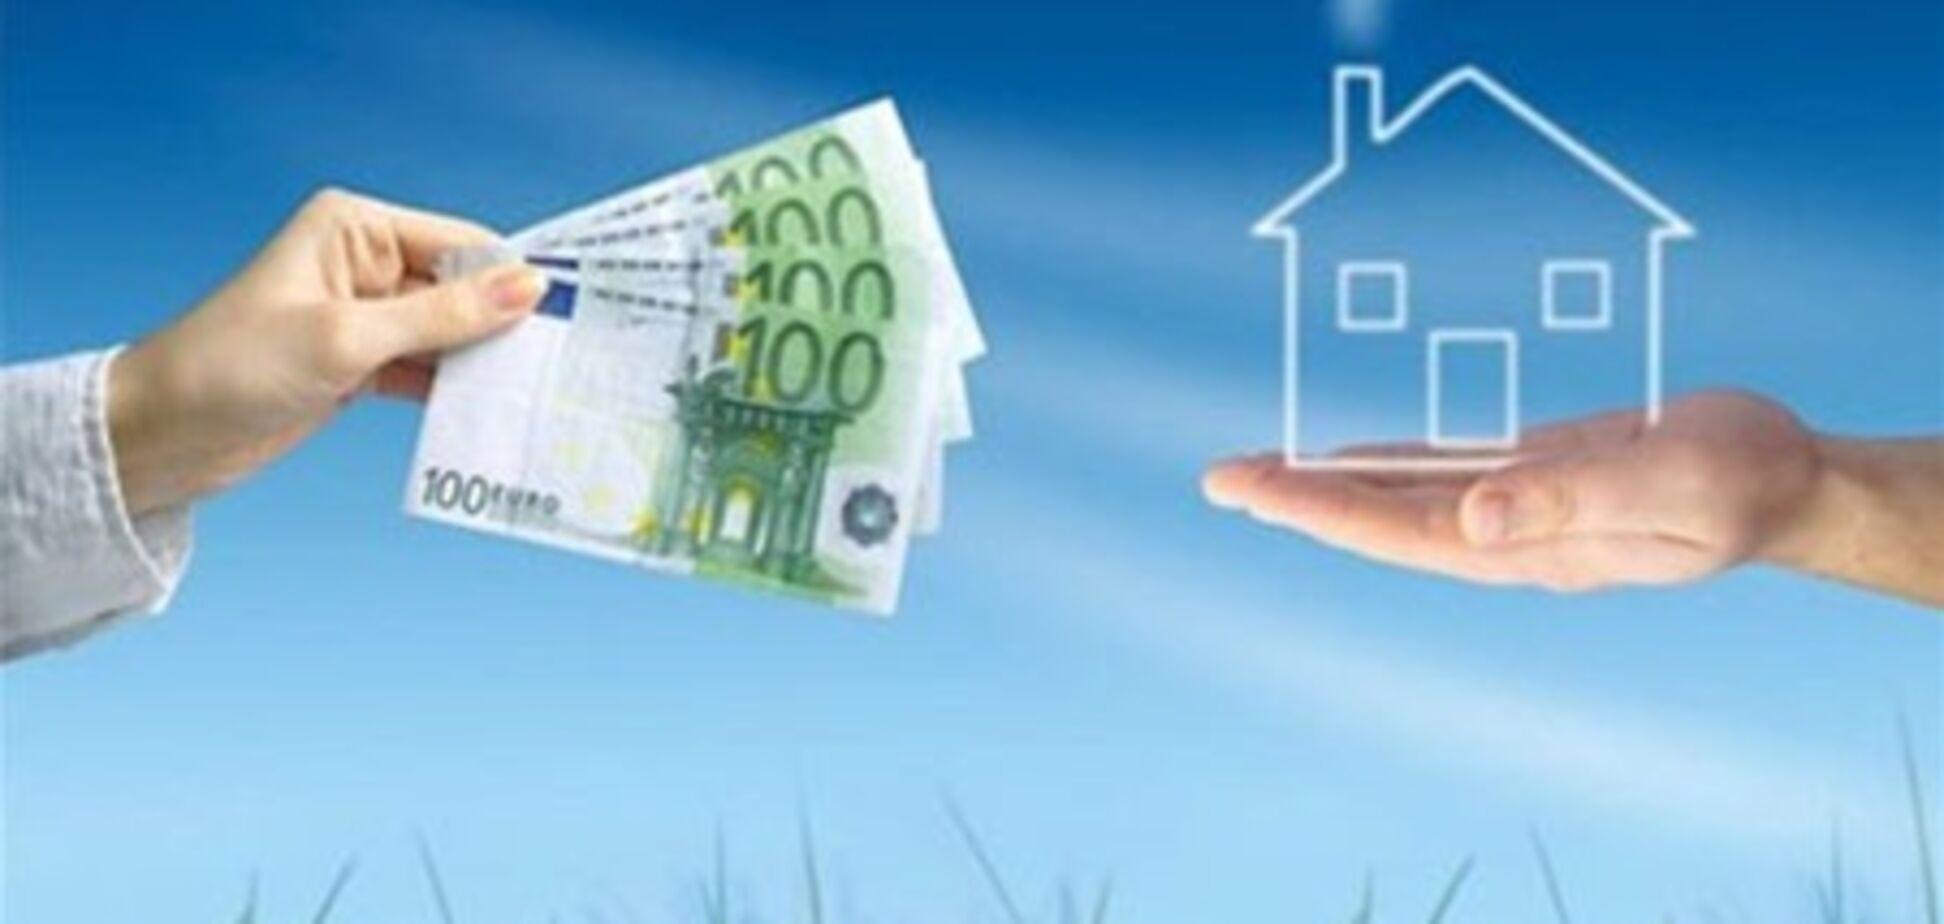 Недвижимость - самое надежное капиталовложение для украинцев